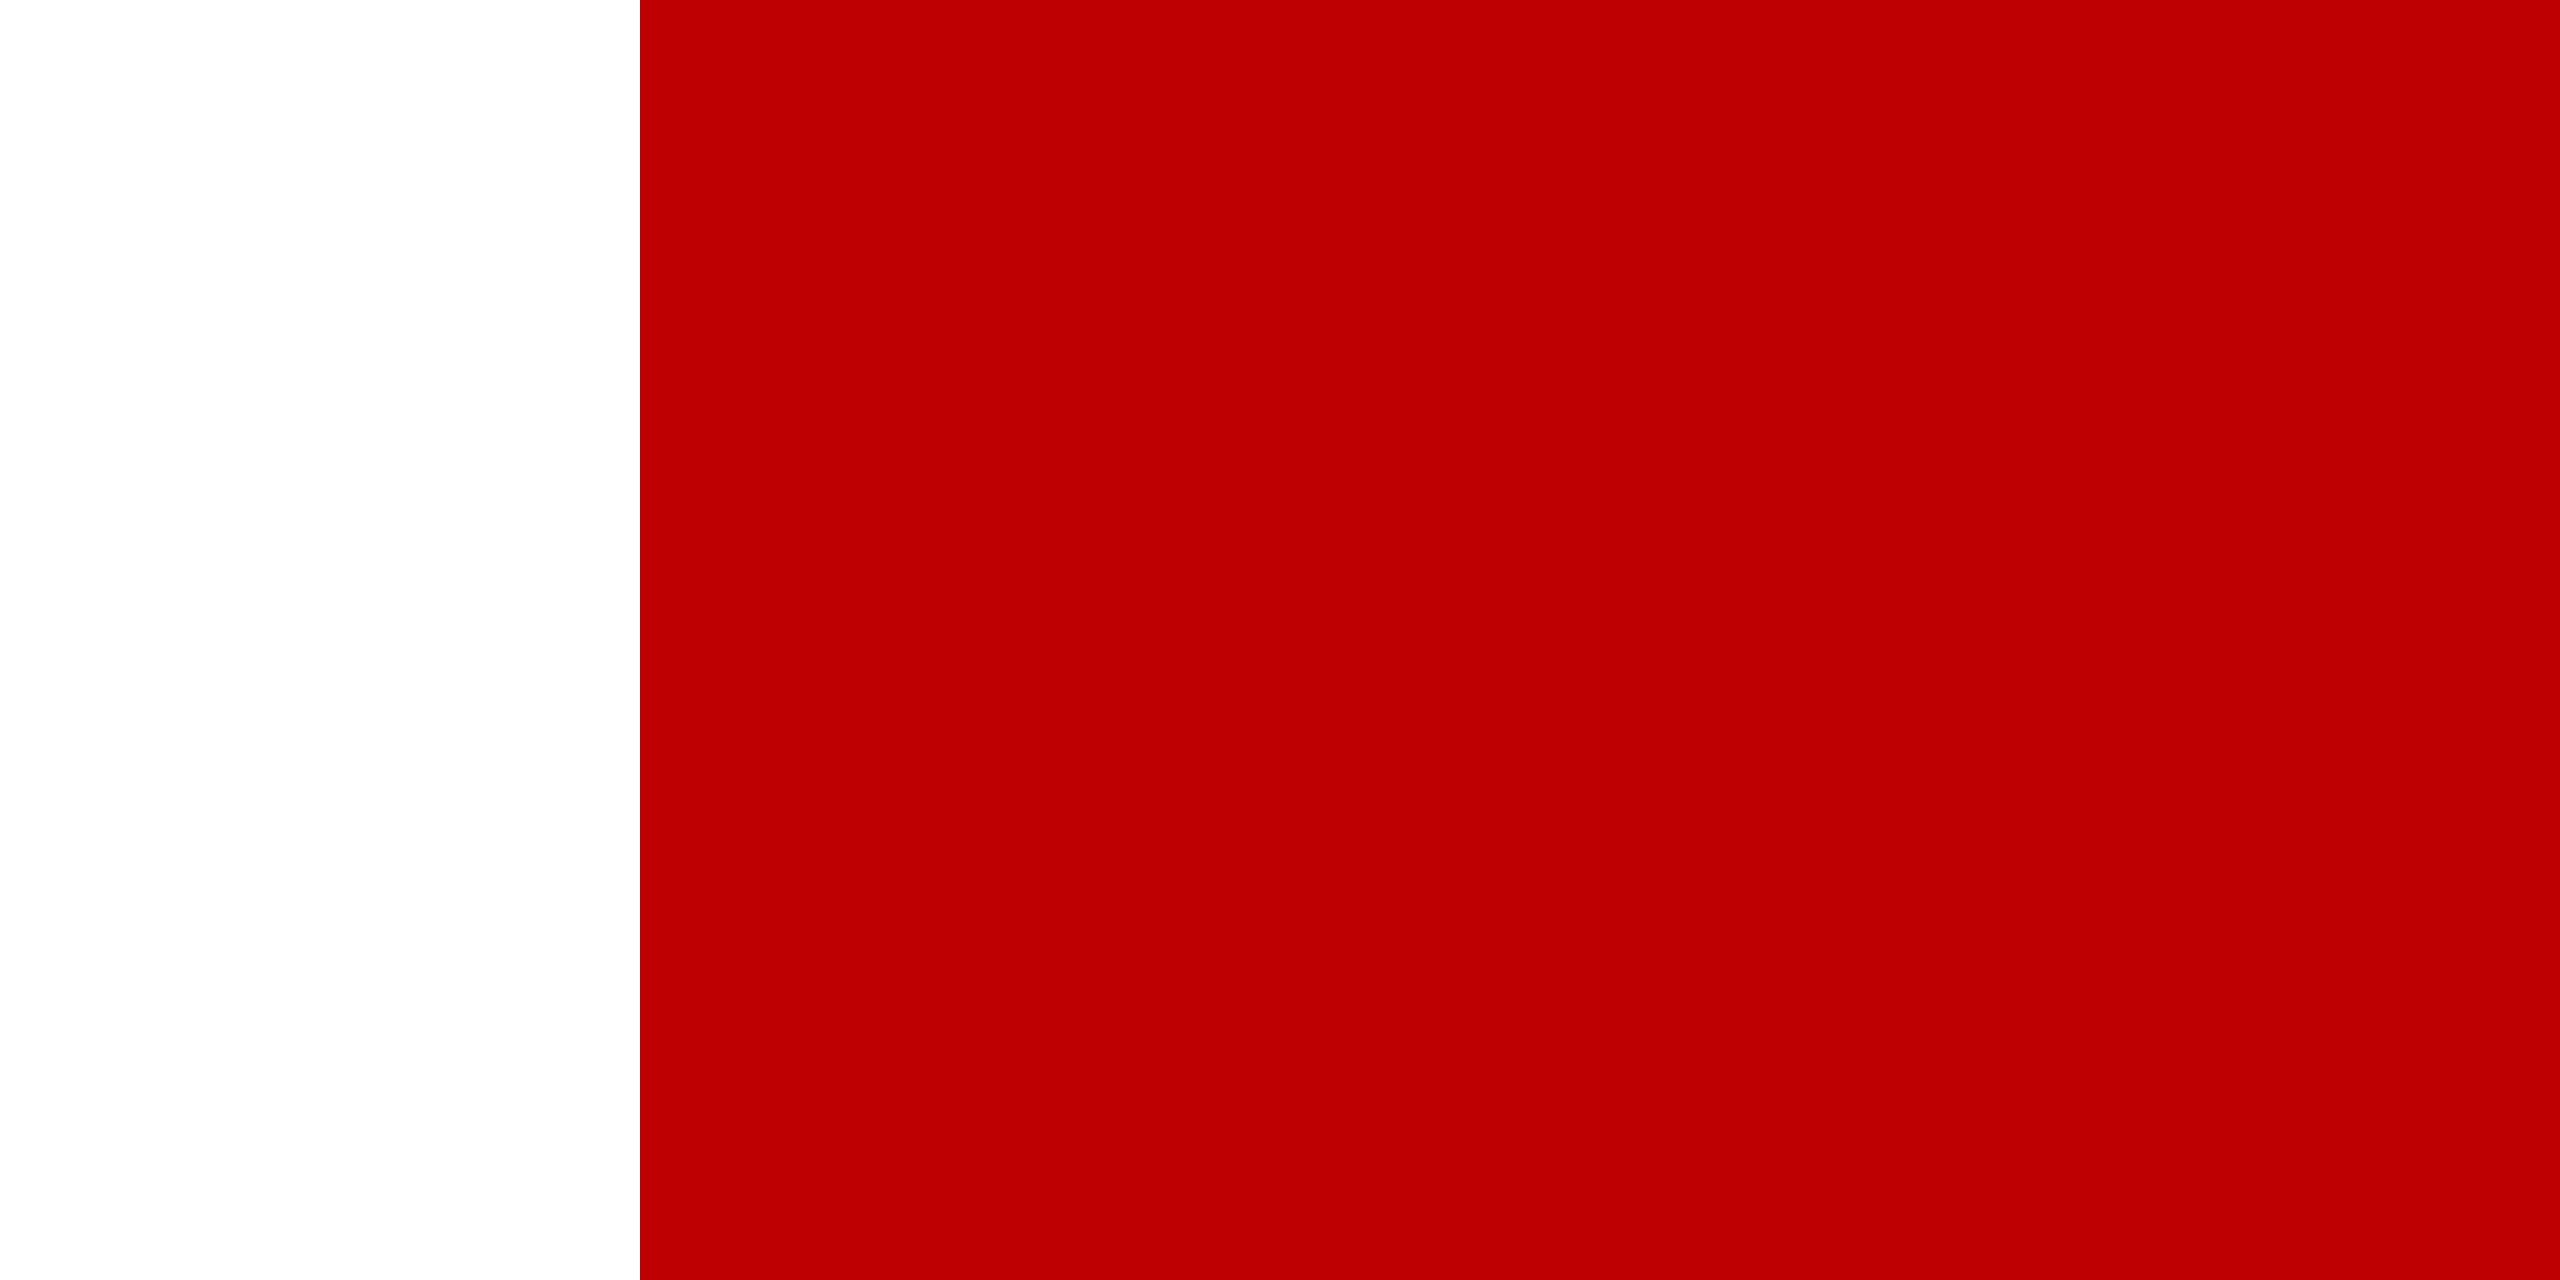 חגיגת תביעות הפרת סימני מסחר בדובאי